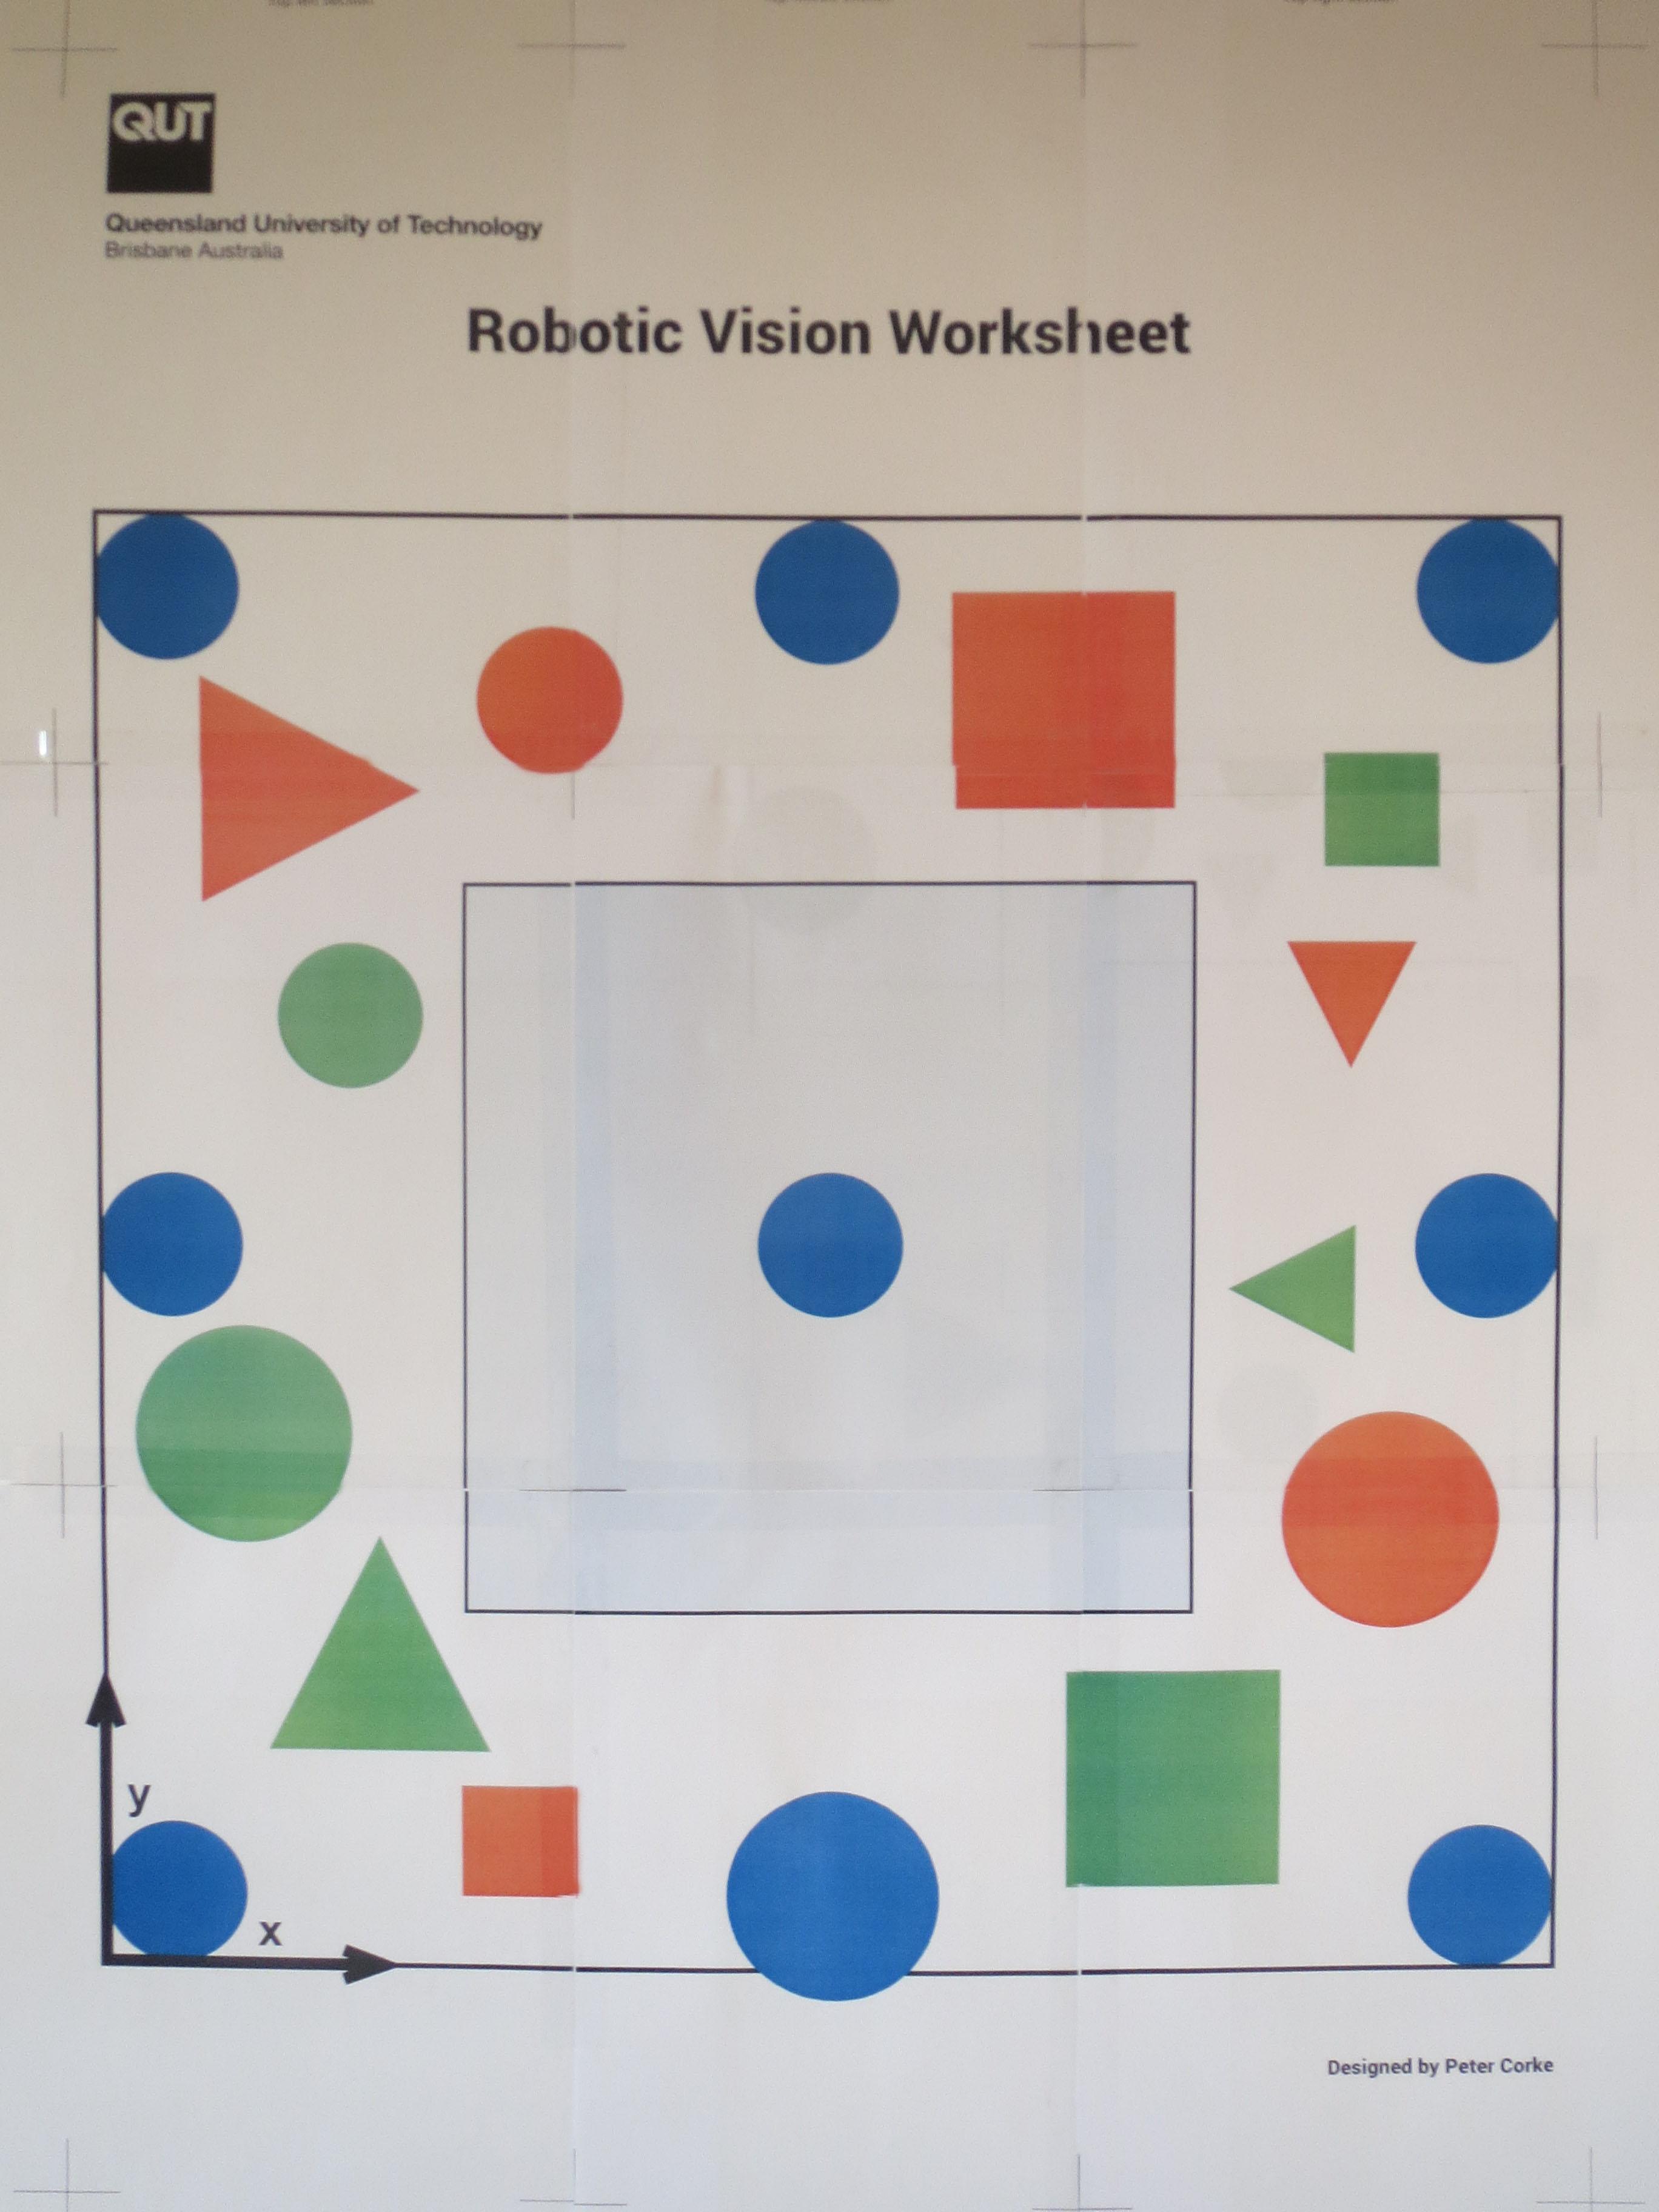 Robotic Vision Worksheet